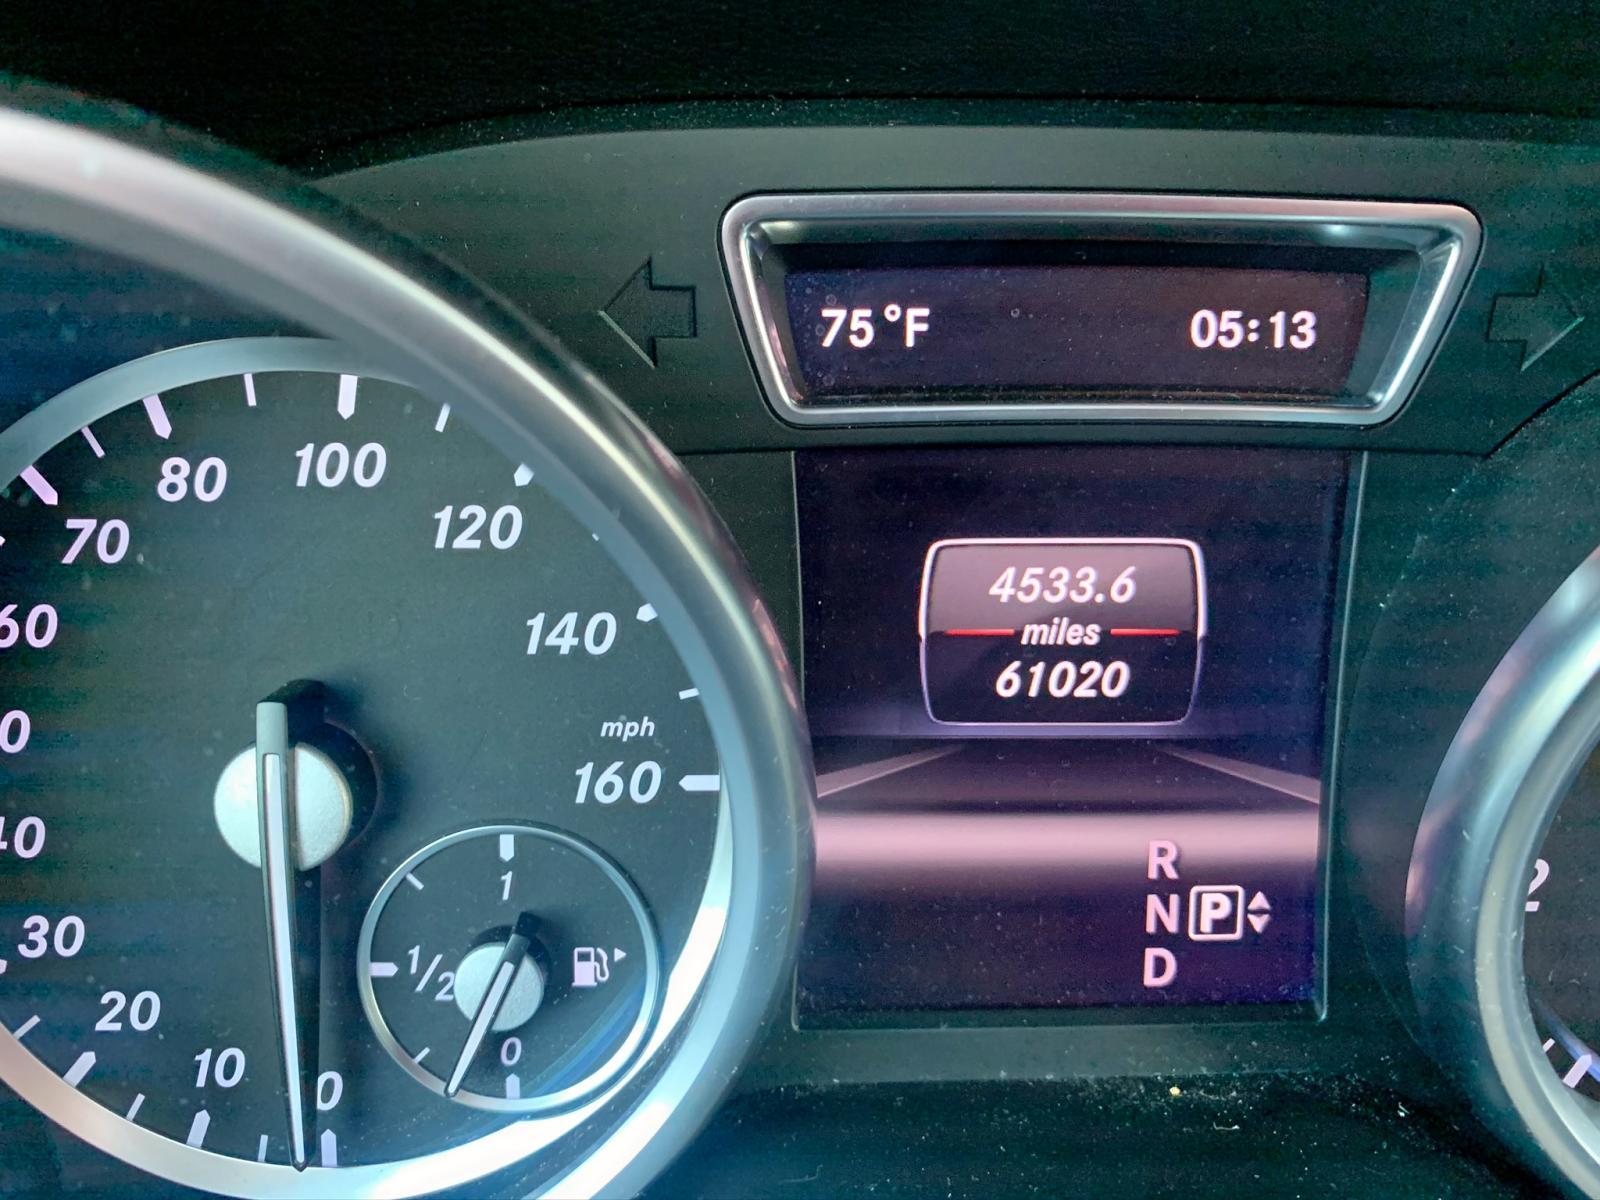 4JGDF7CE2DA152051 - 2013 Mercedes-Benz Gl 450 4Ma 4.6L inside view